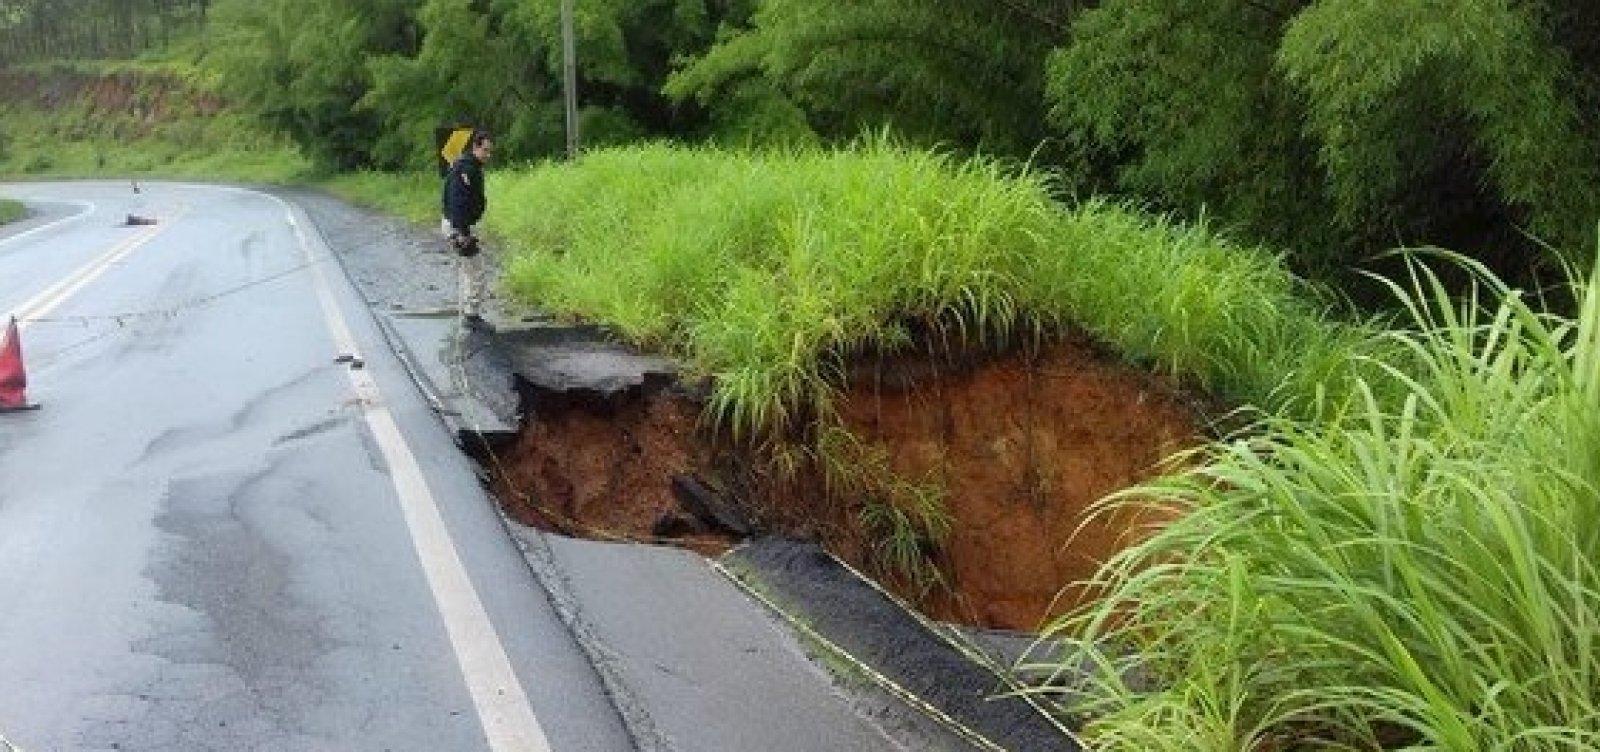 [Chuva destrói parte de acostamento em estrada do sul da Bahia]